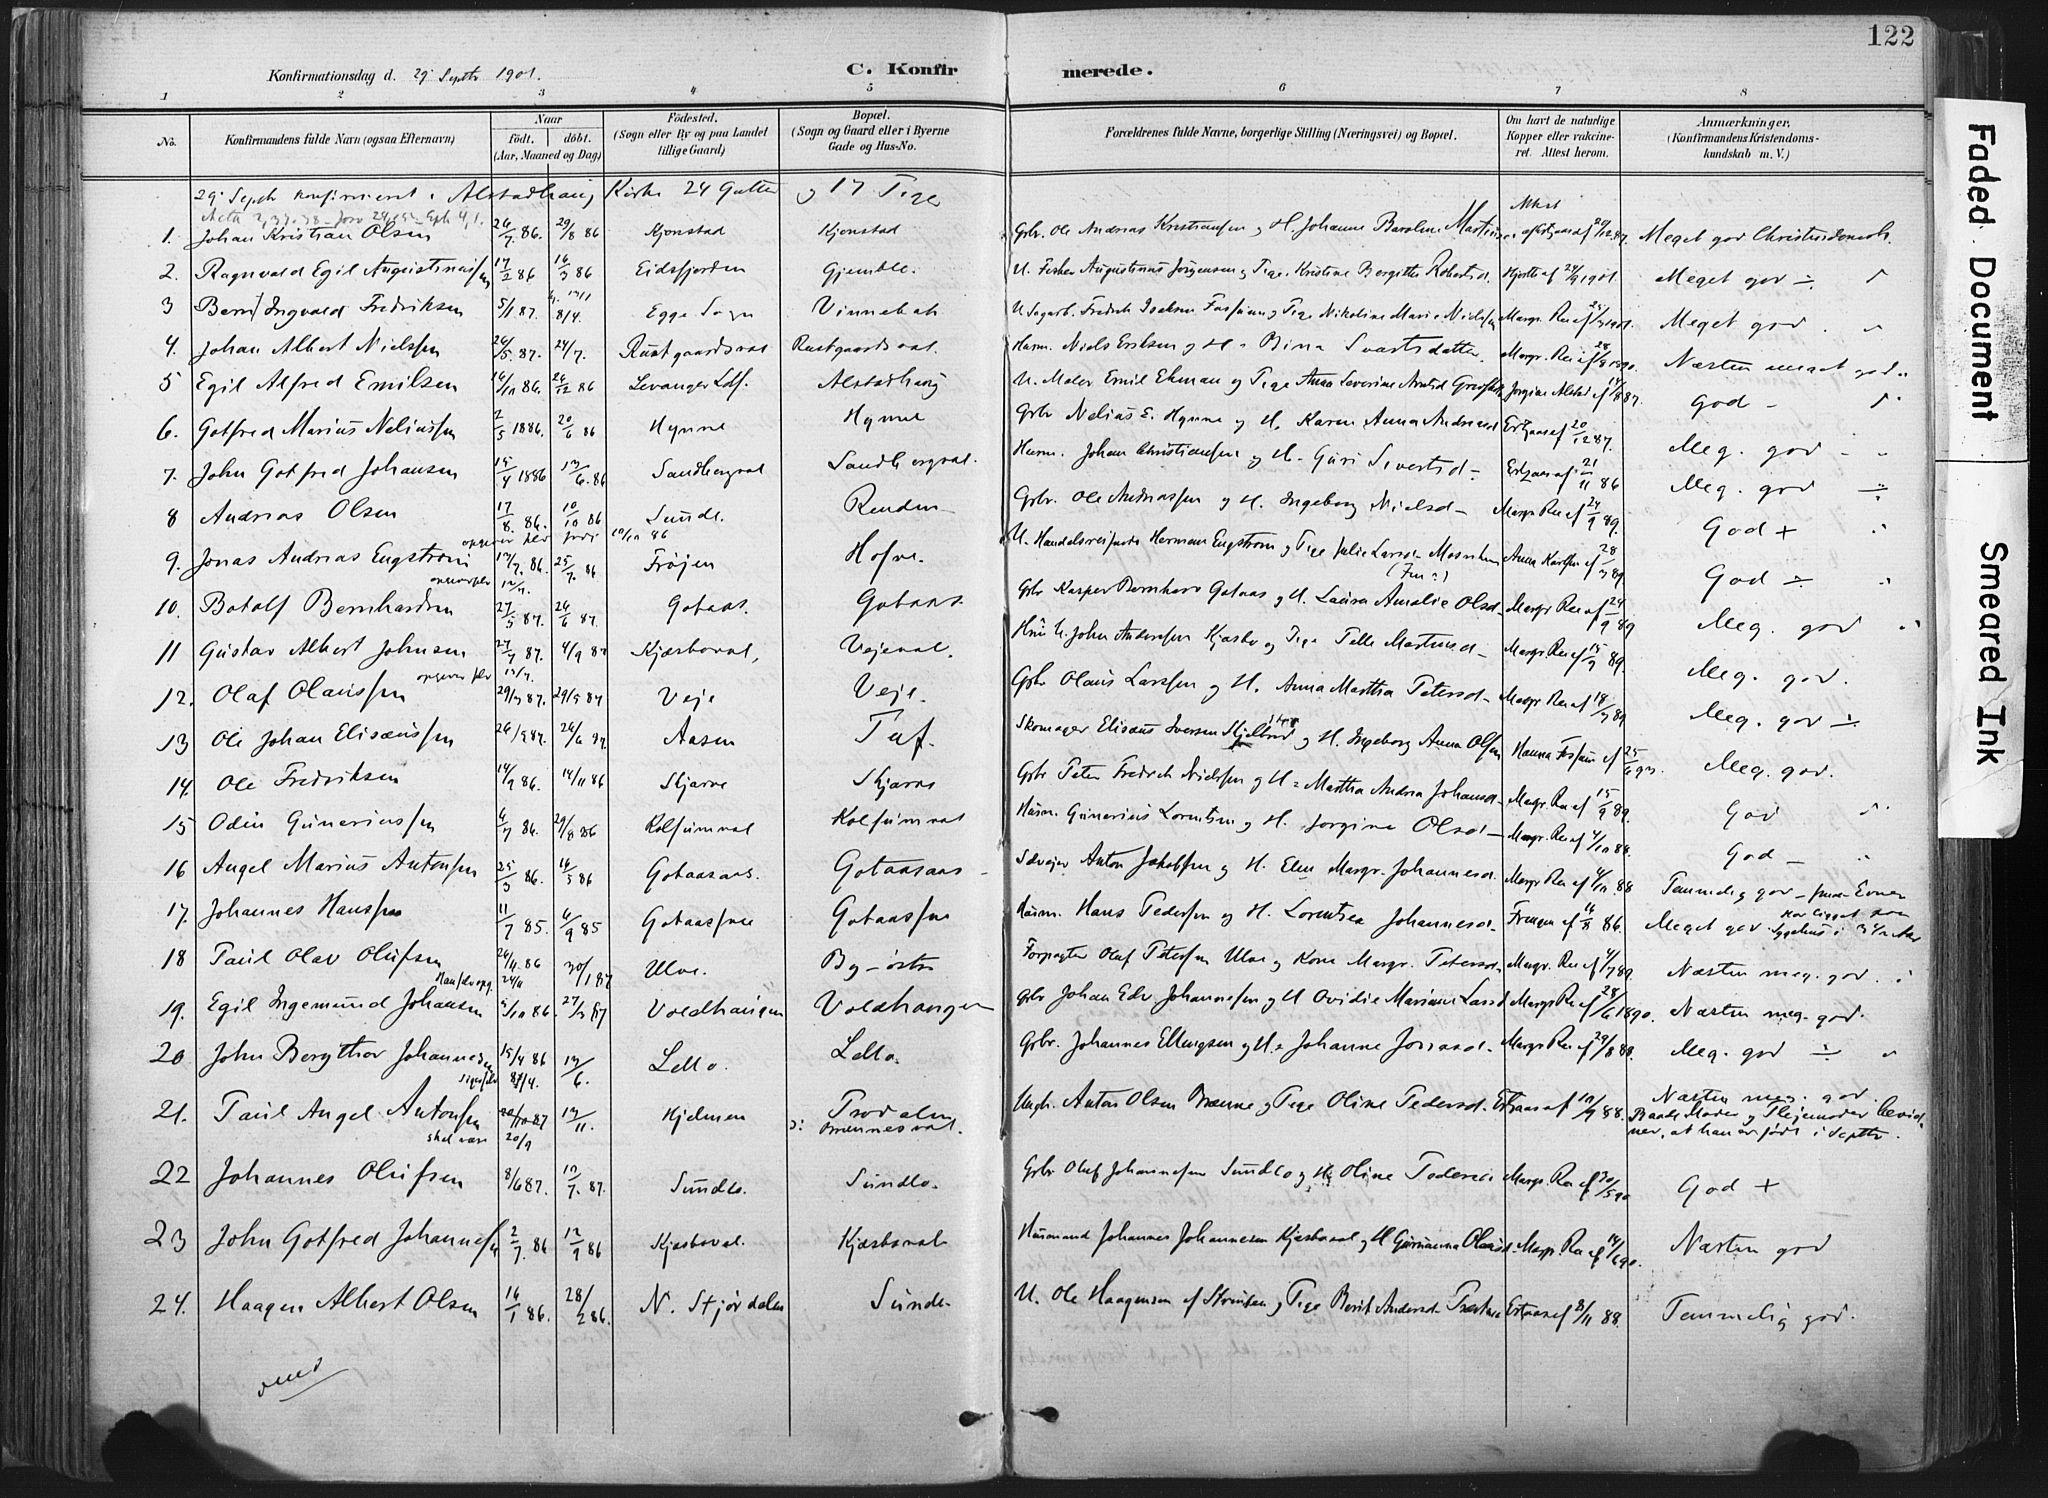 SAT, Ministerialprotokoller, klokkerbøker og fødselsregistre - Nord-Trøndelag, 717/L0162: Ministerialbok nr. 717A12, 1898-1923, s. 122